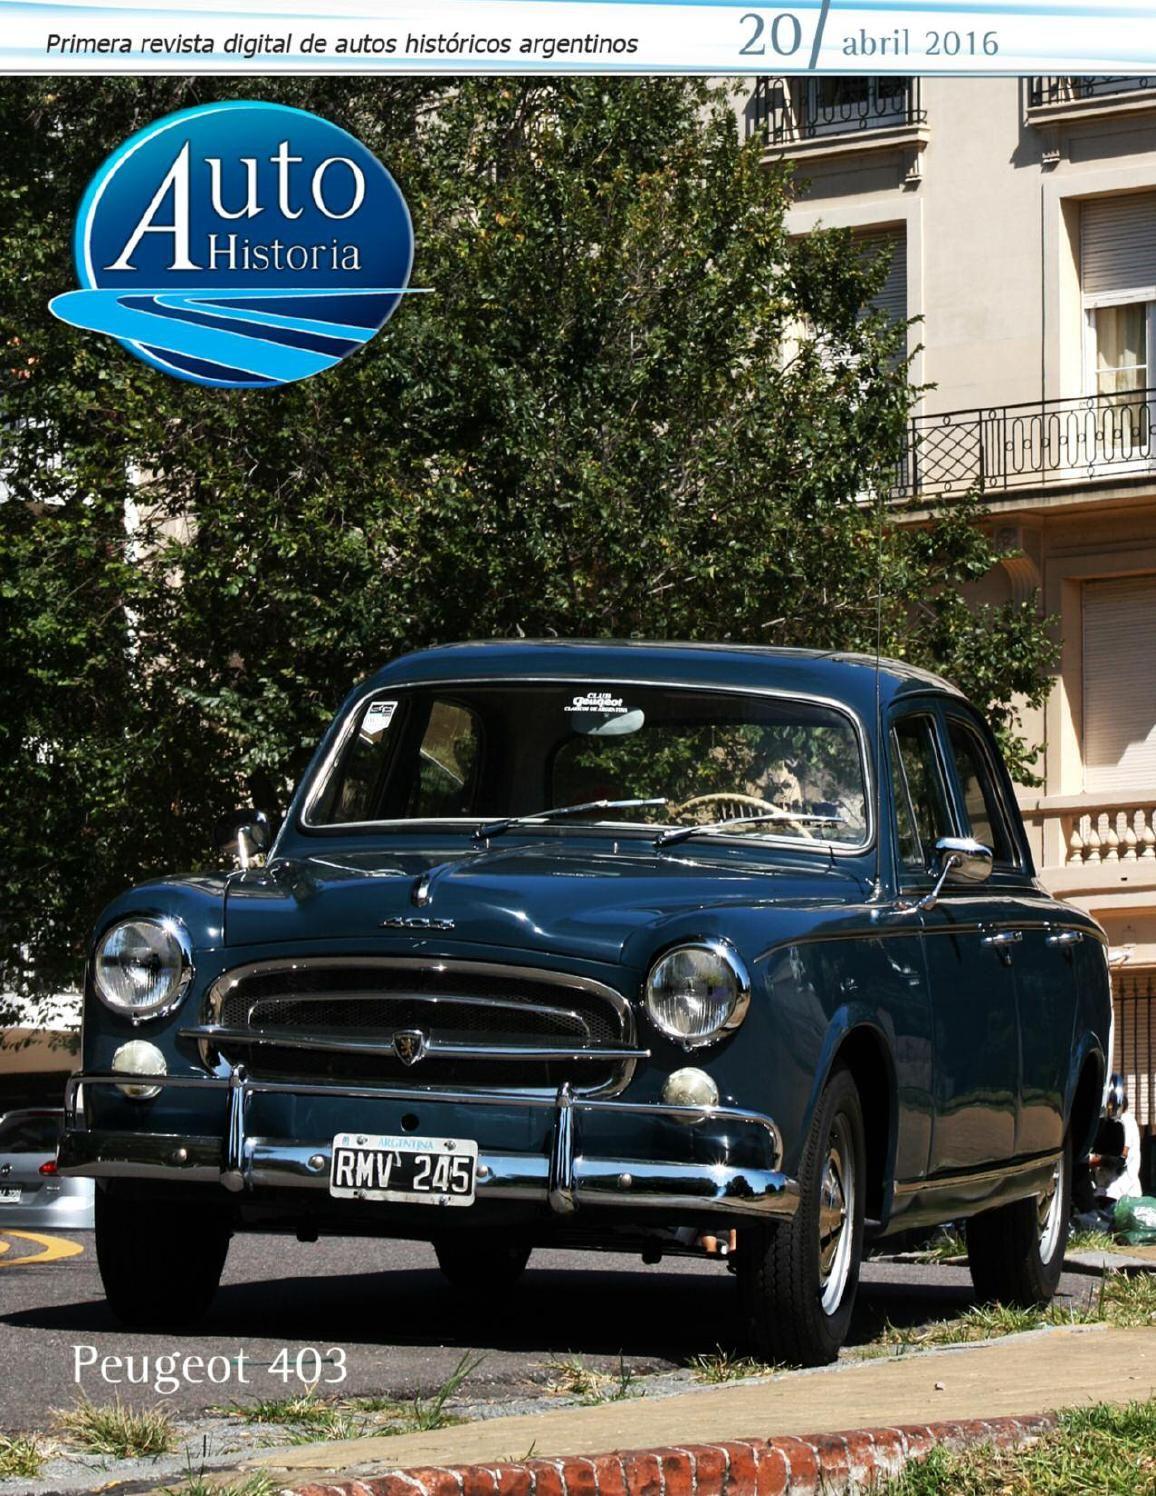 Autohistoria, la revista digital de los autos históricos argentinos. Edición nº 20, abril 2016